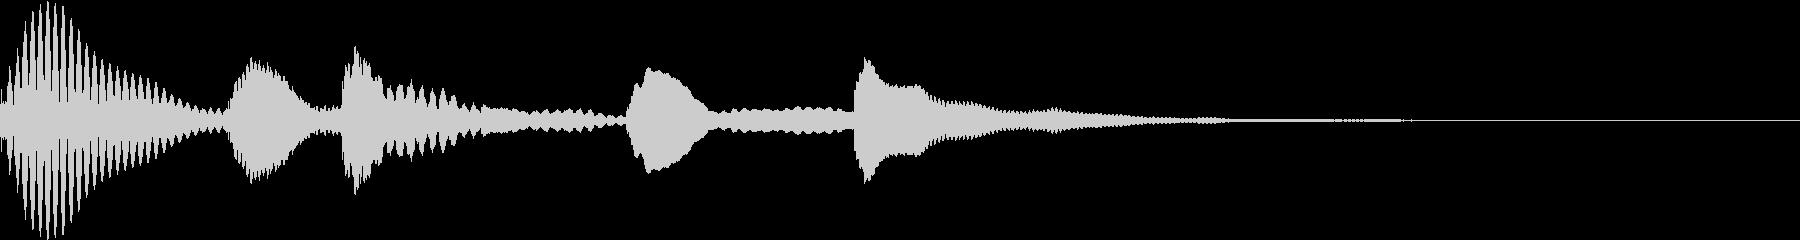 マリンバのかわいい料理番組の転換の音#2の未再生の波形